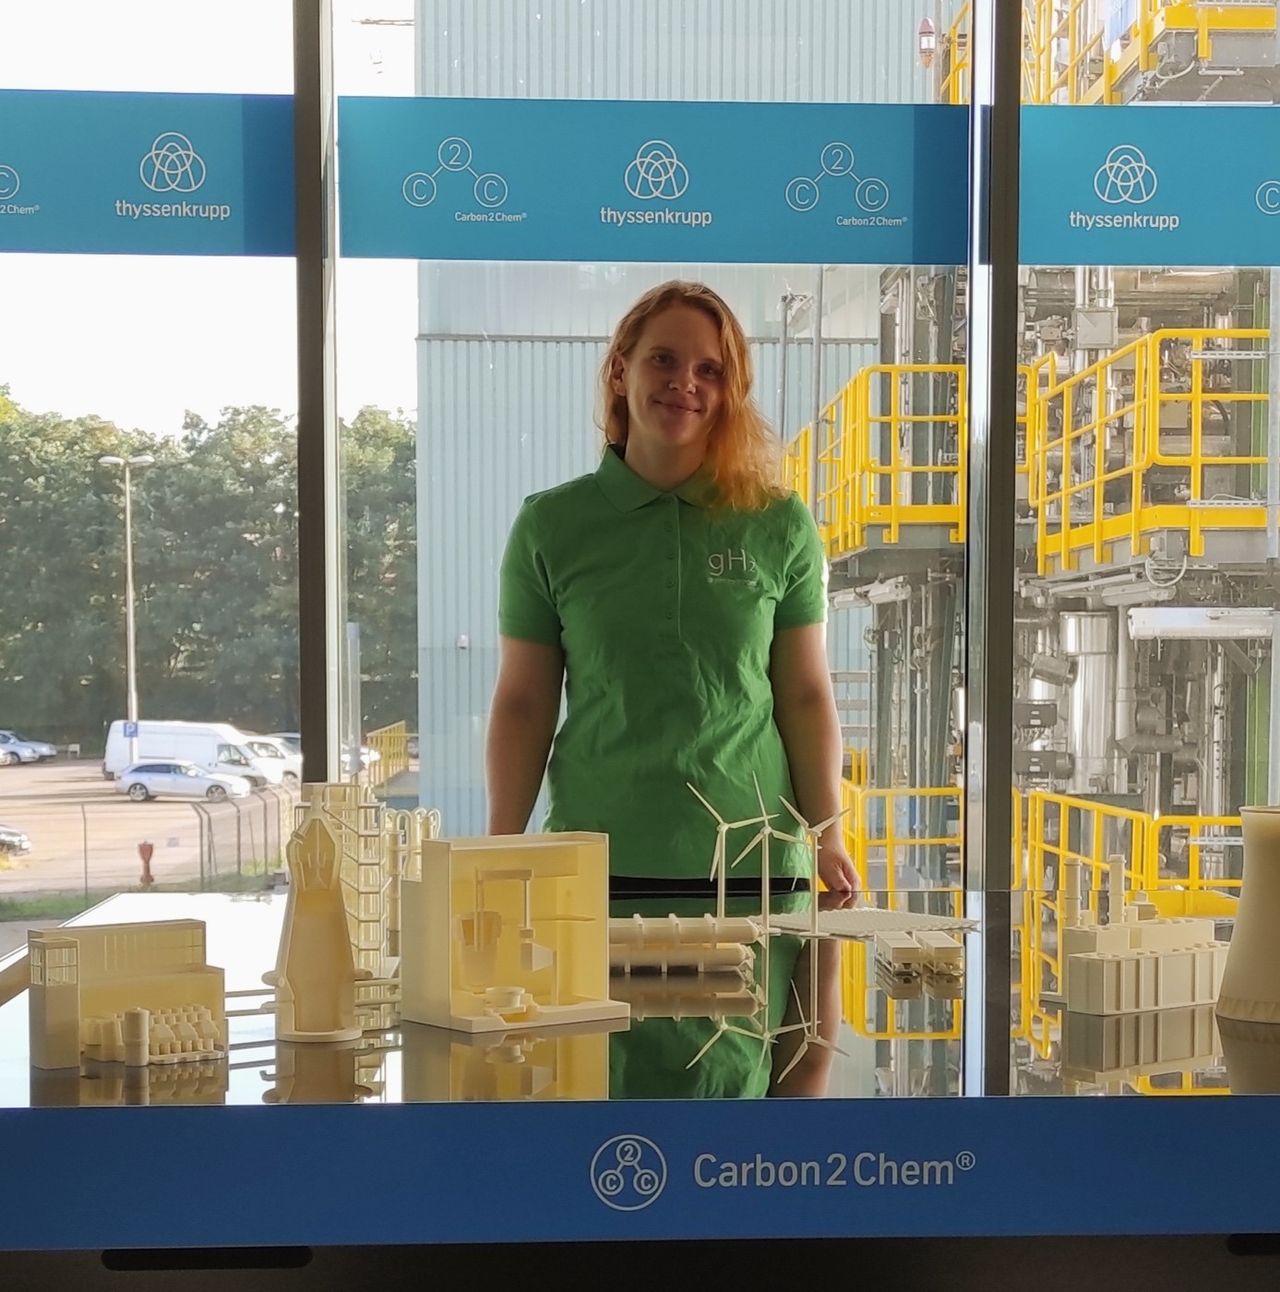 Ramona Gatkowski - Development Engineer bei thyssenkrupp